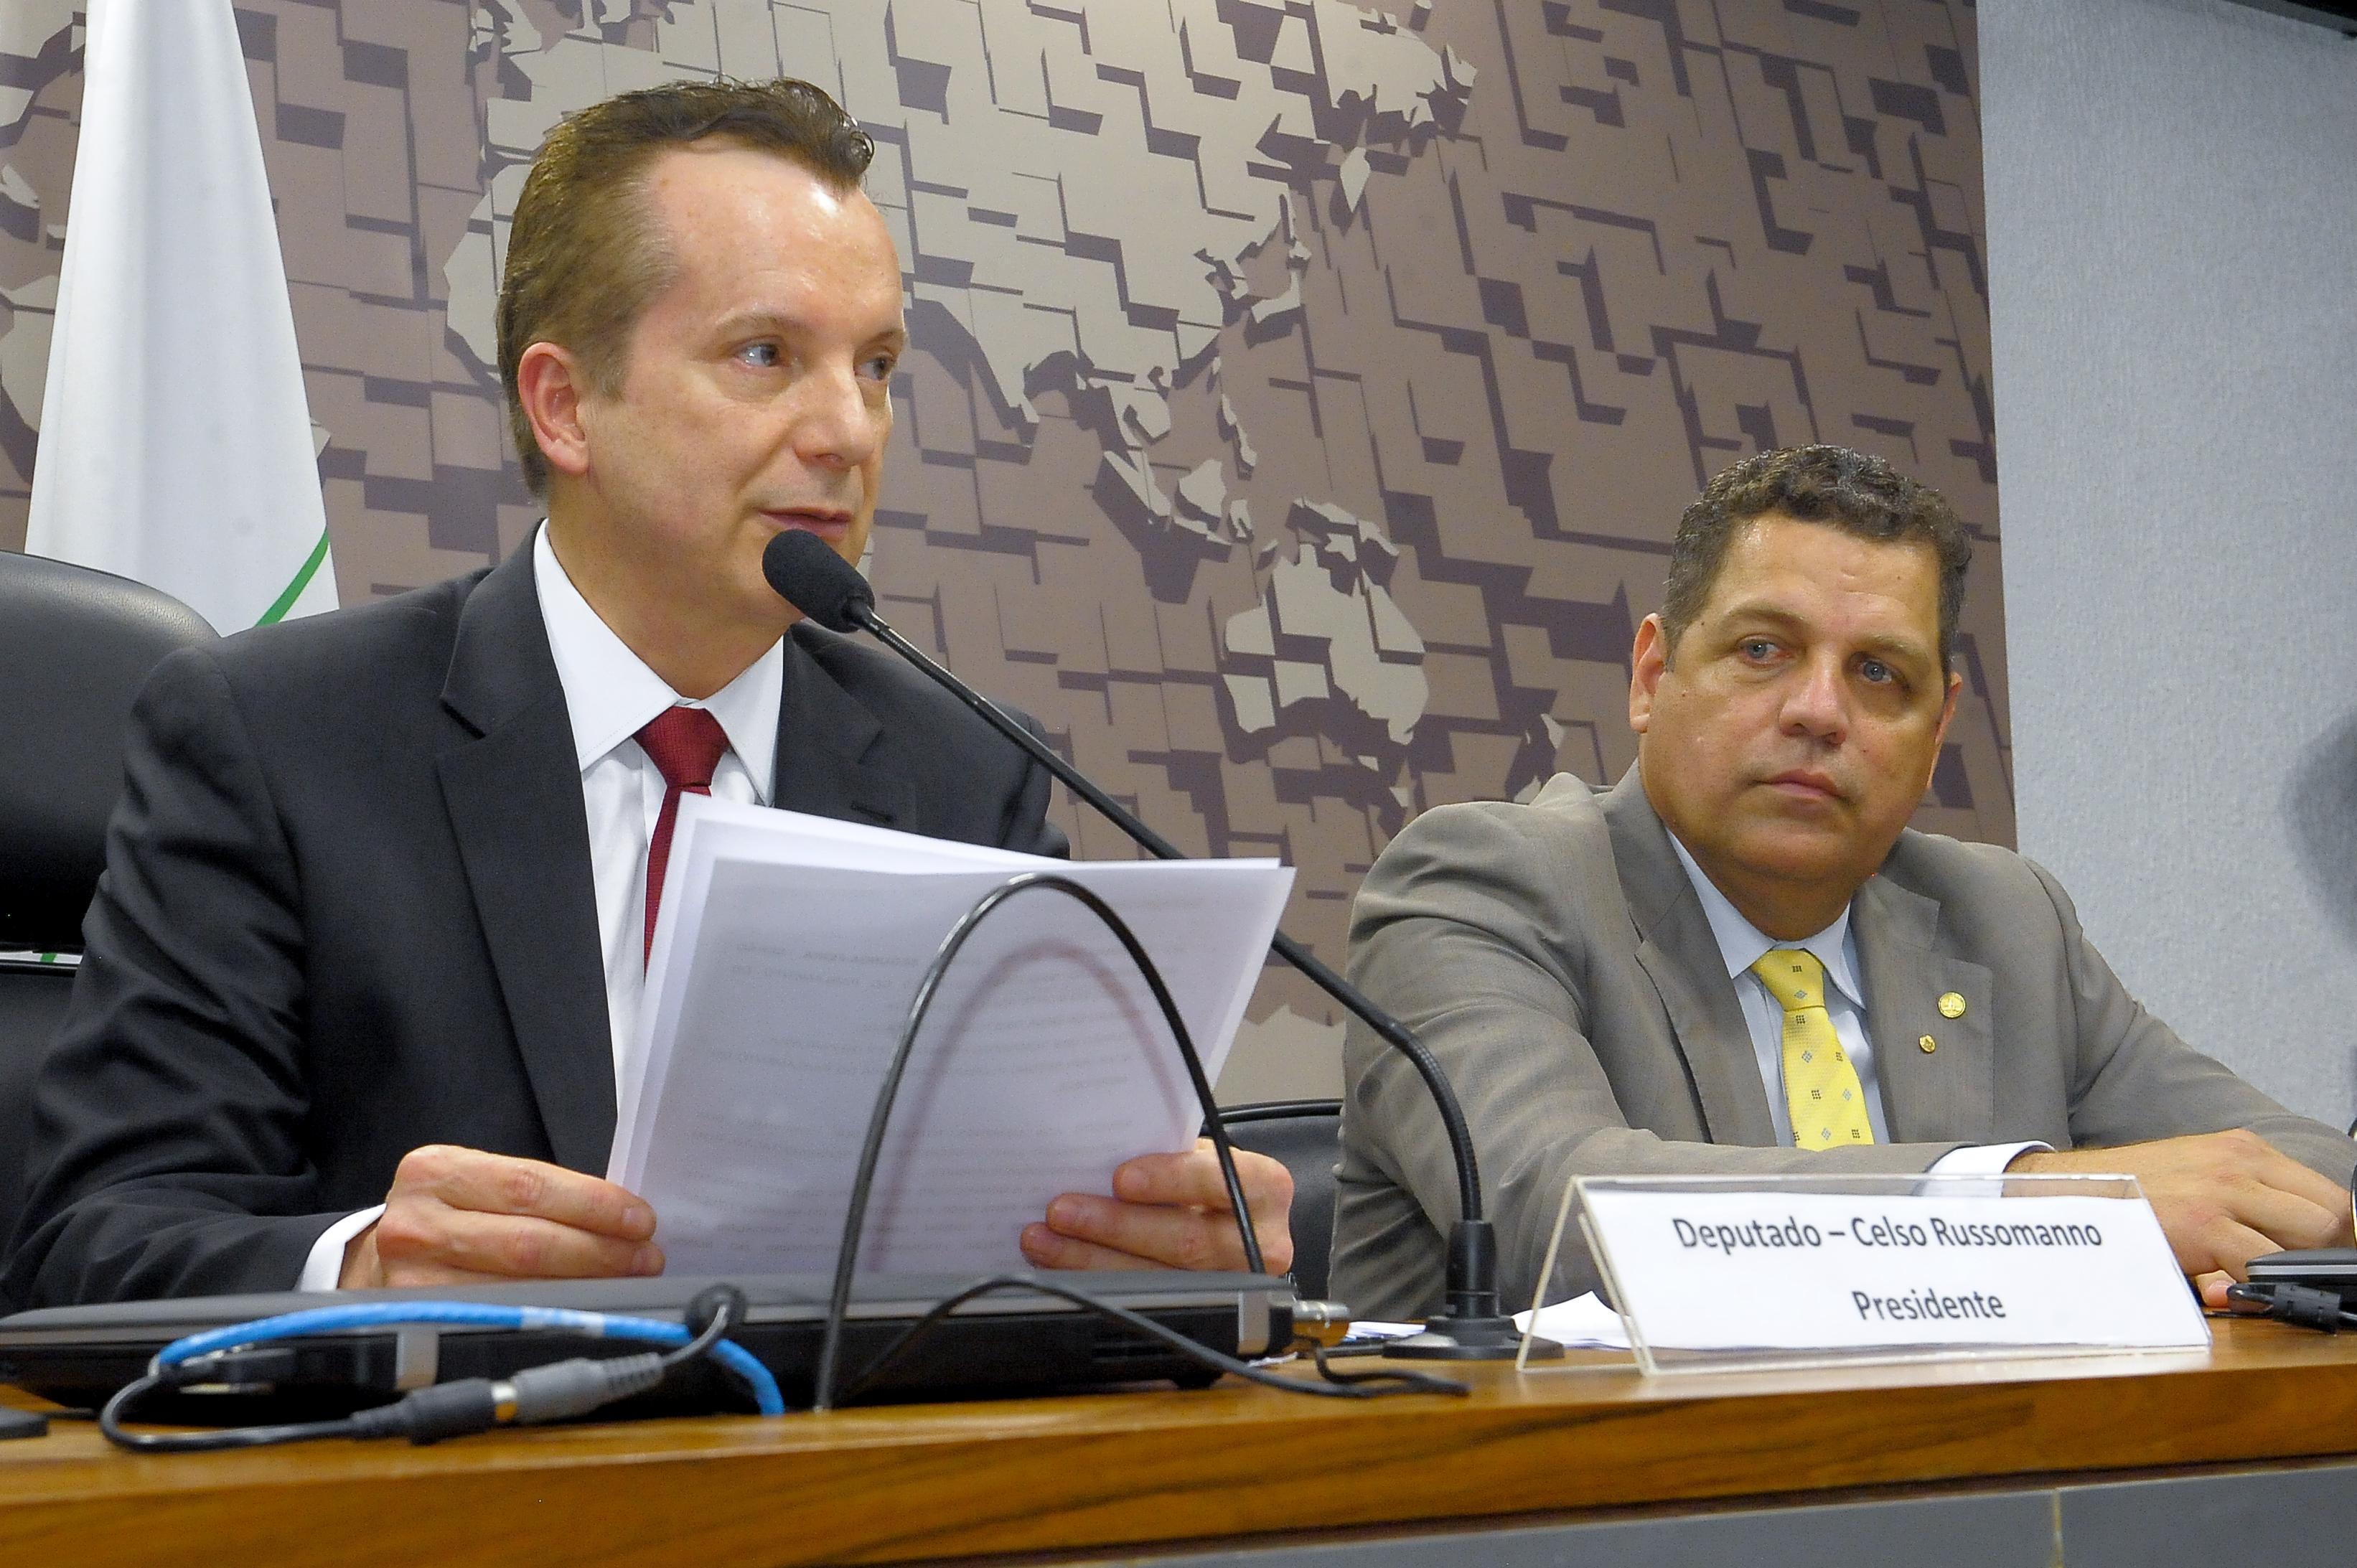 Relações Exteriores - Mercosul - Deputado Celso Russomanno (PRB-SP) é eleito presidente da Representação Brasileira no Parlasul